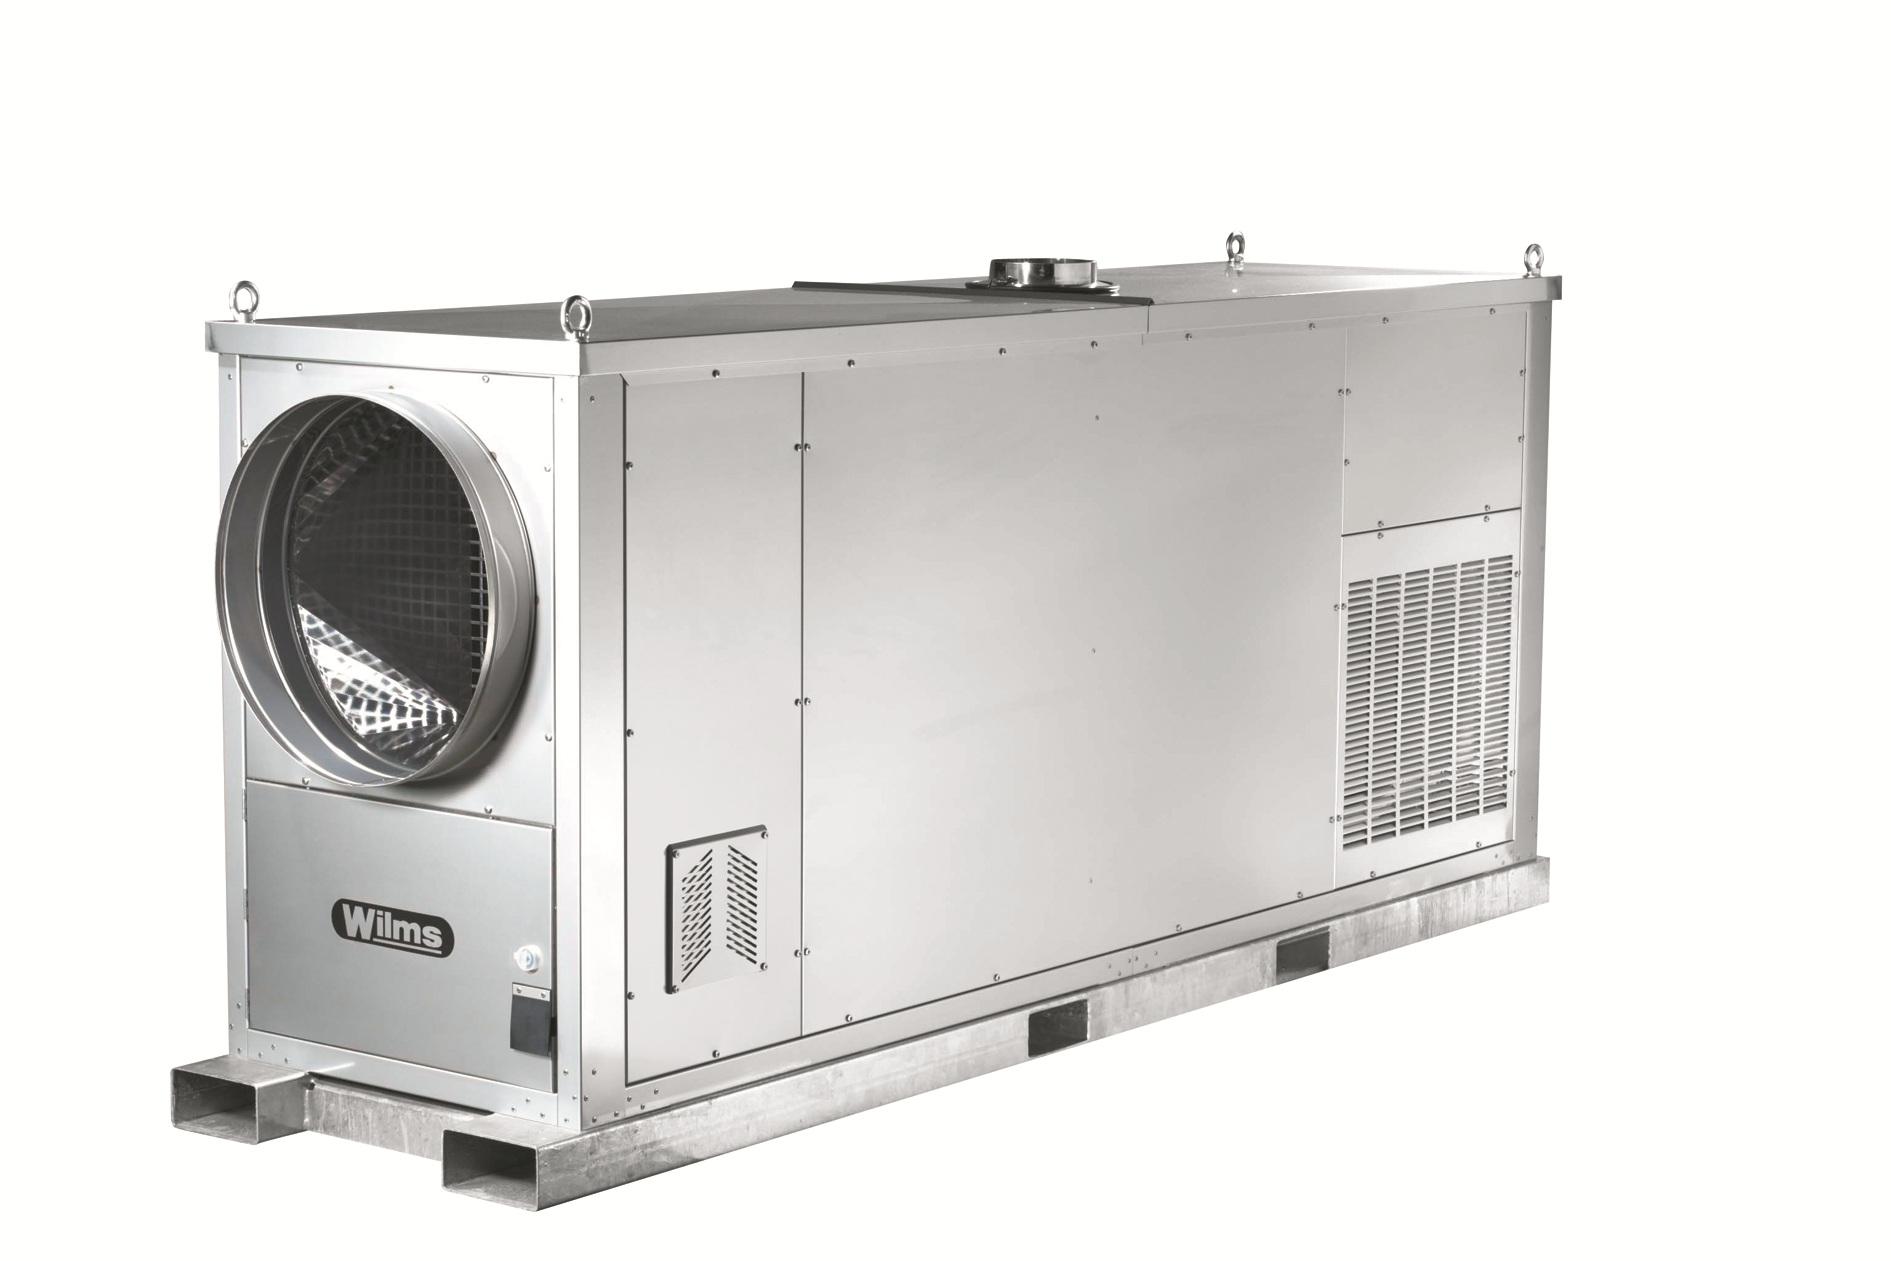 Generatoare de aer cald Wilms - Poza 7